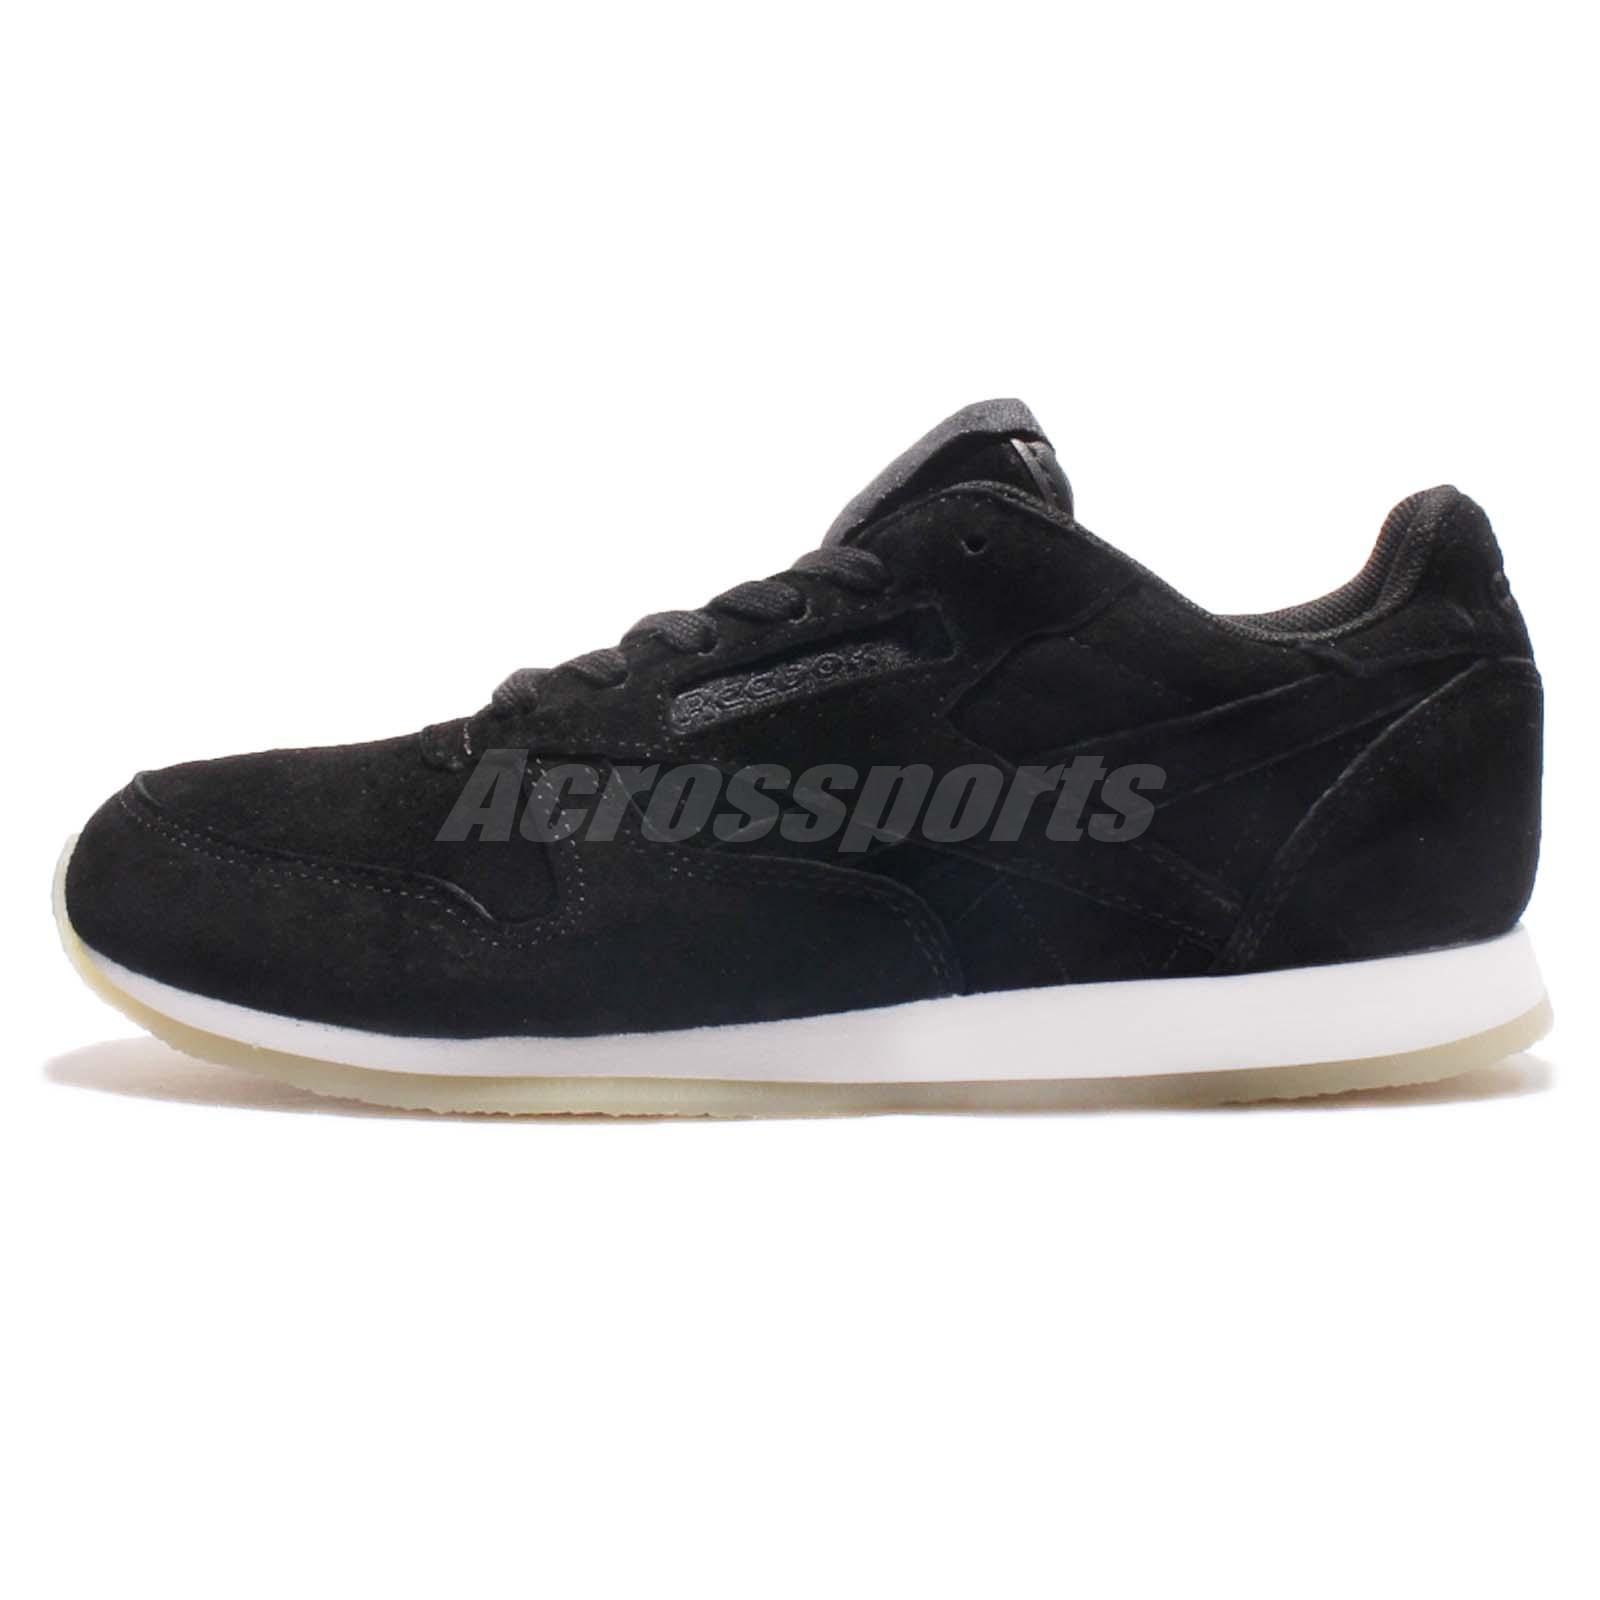 5e5f05c85a762 Reebok CL LTHR Crepe Neutral POP Classic Leather Black White Women Shoes  AR0986